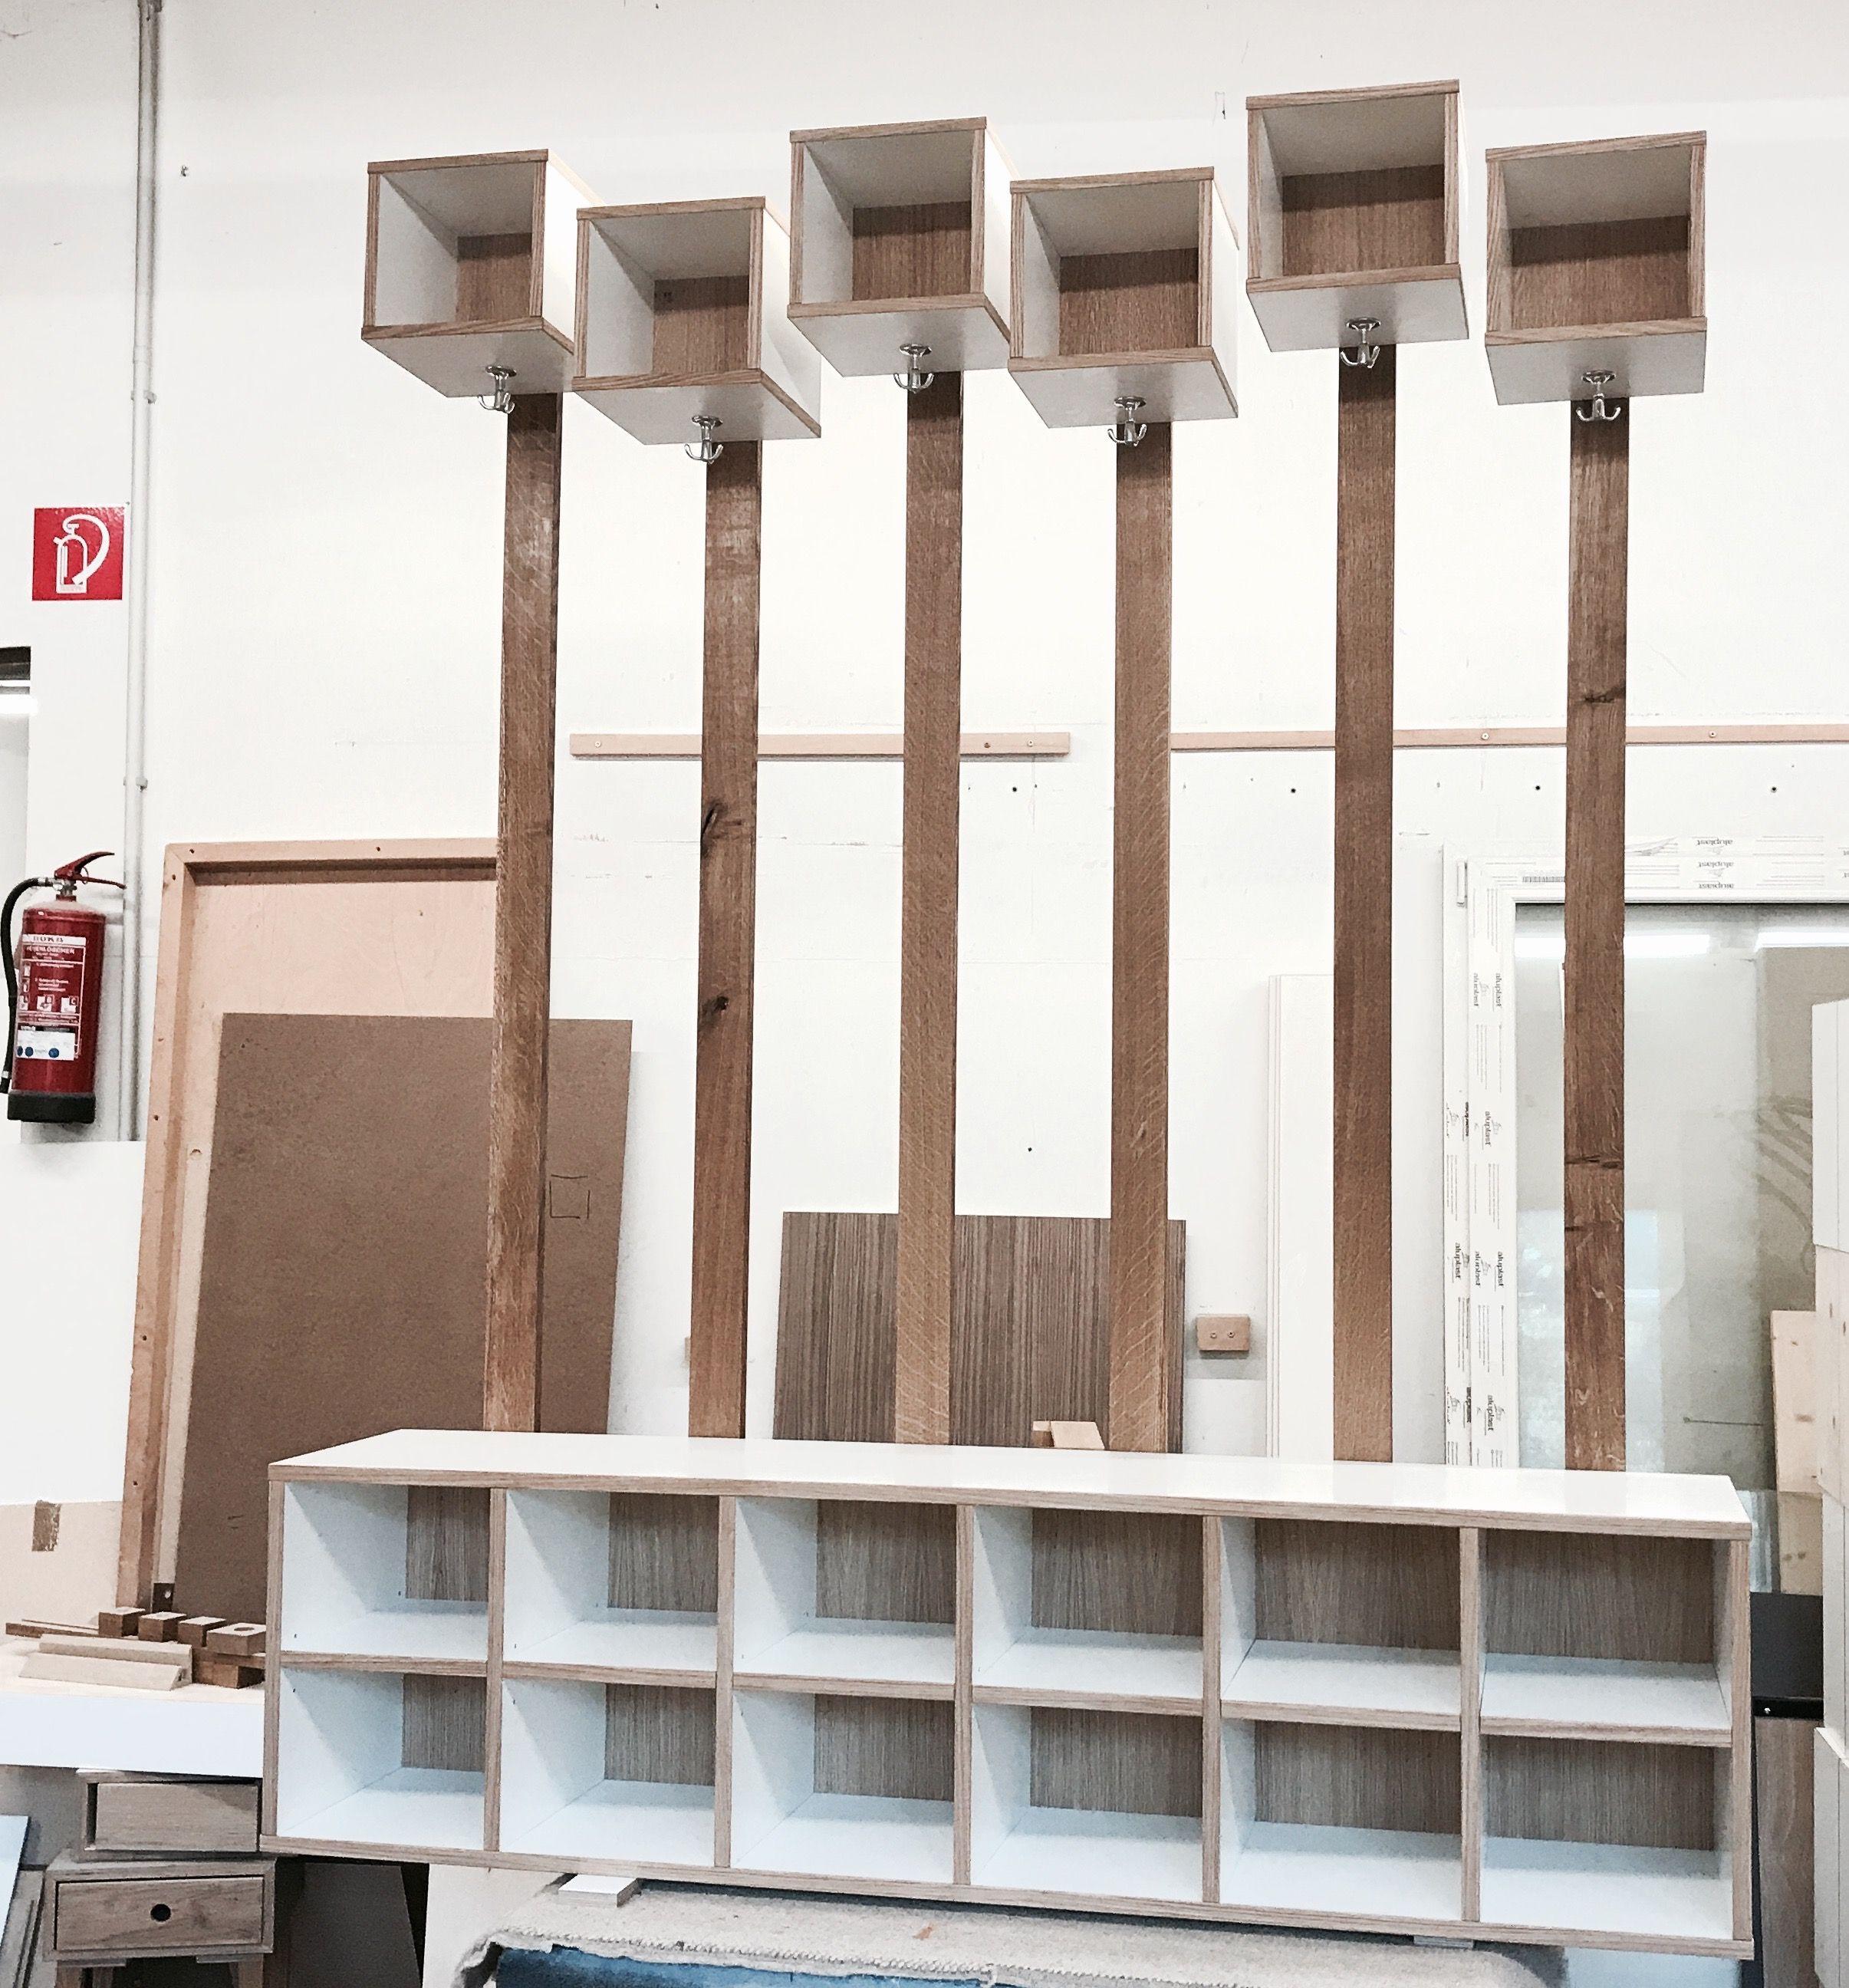 Wundervoll Garderobe Bank Galerie Von Eine Schuhbank Mit Garderobe, 3 Möbel In